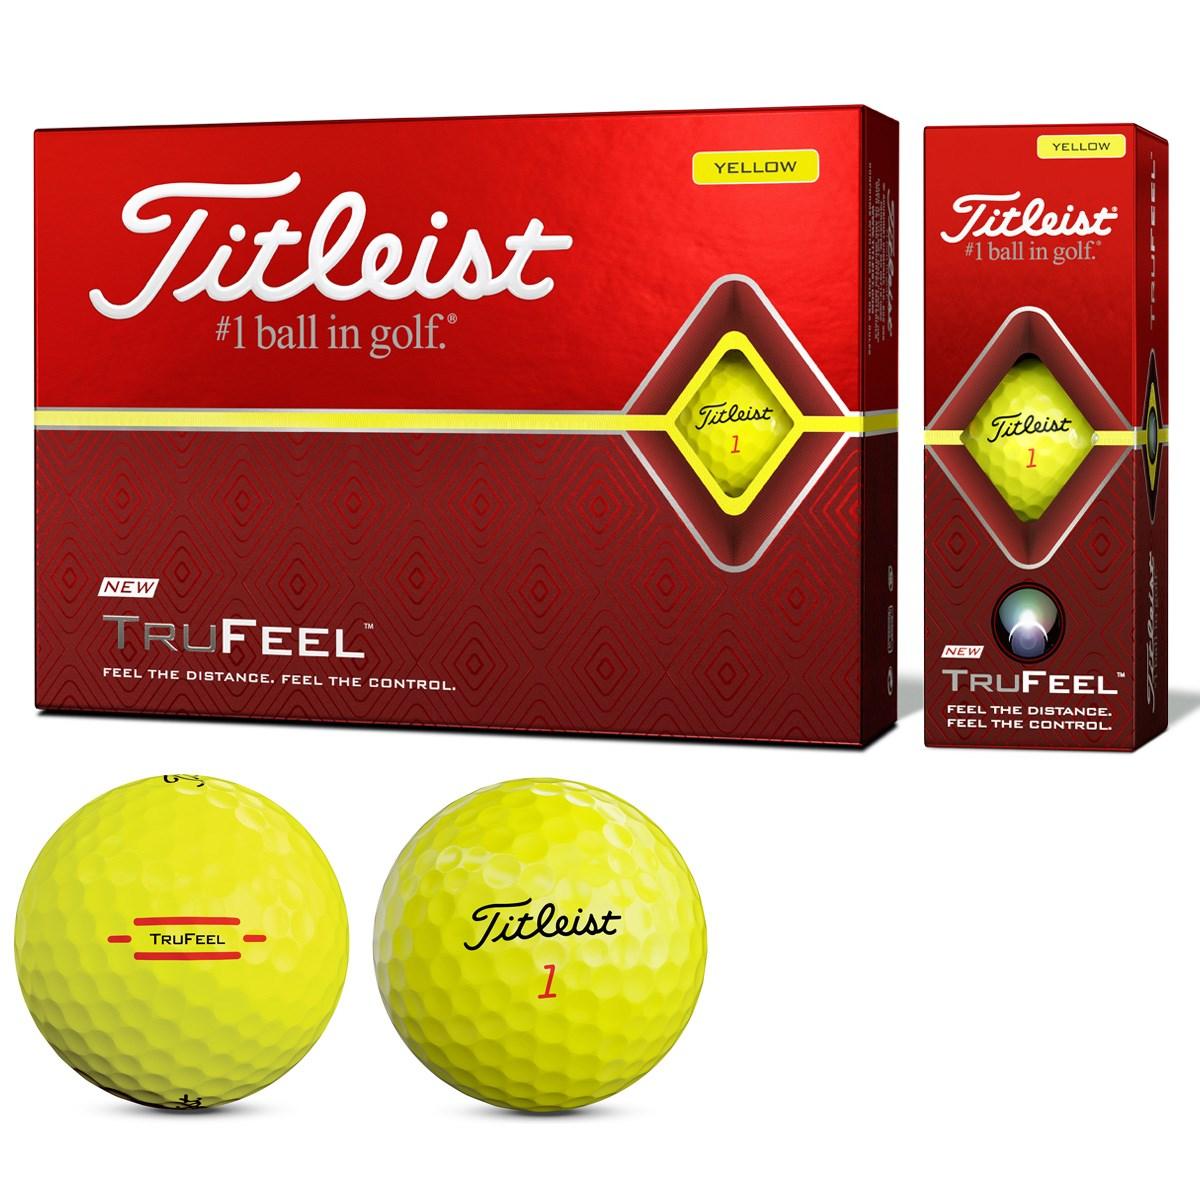 タイトリスト TITLEIST TRUFEEL ボール 3ダースセット 3ダース(36個入り) イエロー